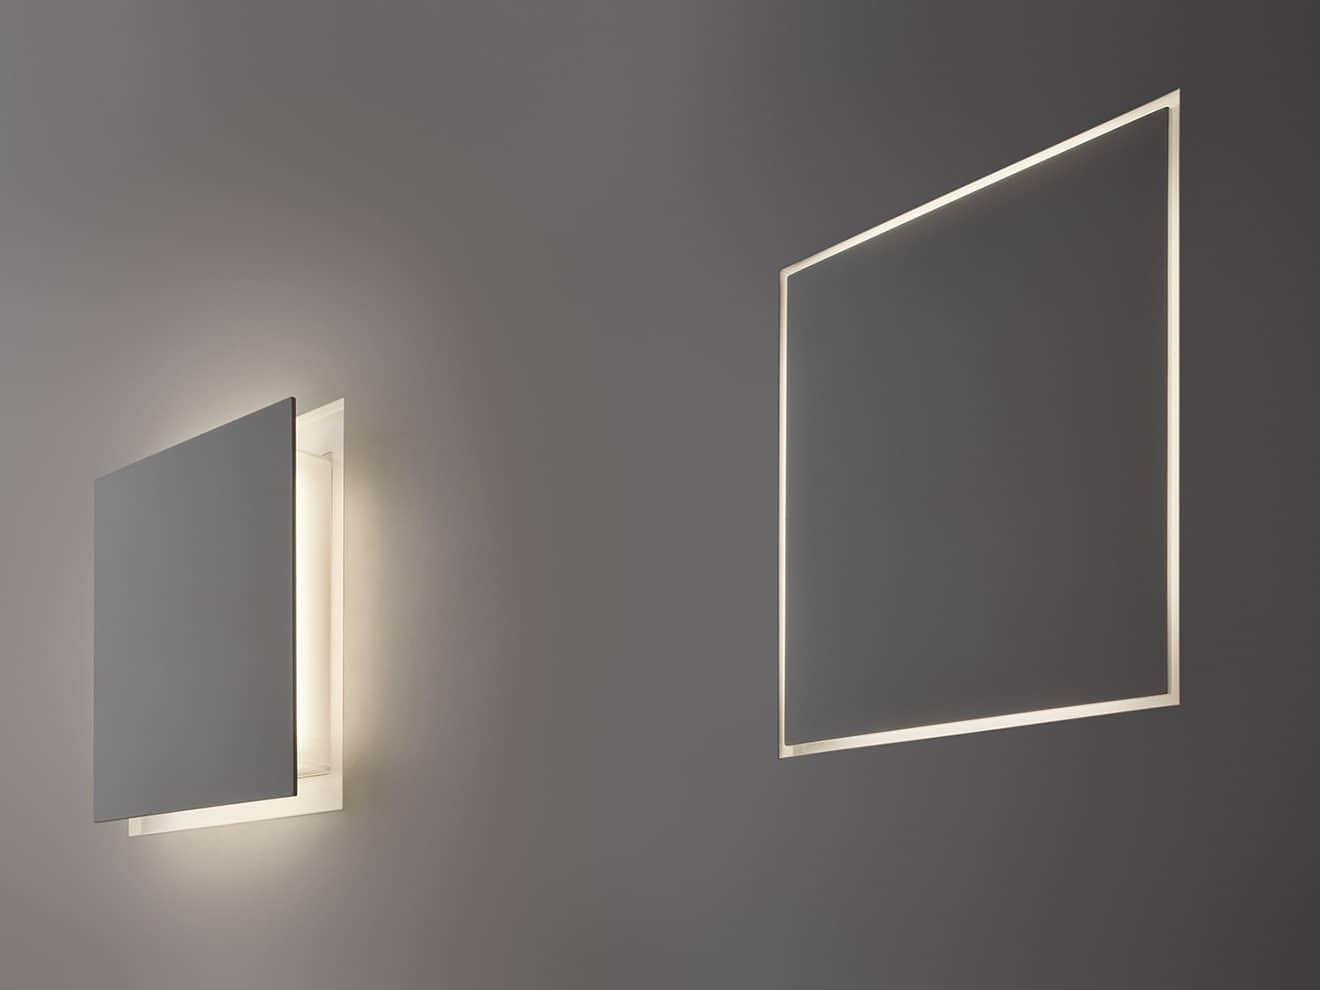 Lampe à encastrement mural Aldecimo rétractable avec mécanisme d'ouverture et de fermeture à pression - Source LED - Finition murale adaptée au support - Design Carmen Ferrara - ©Panzeri